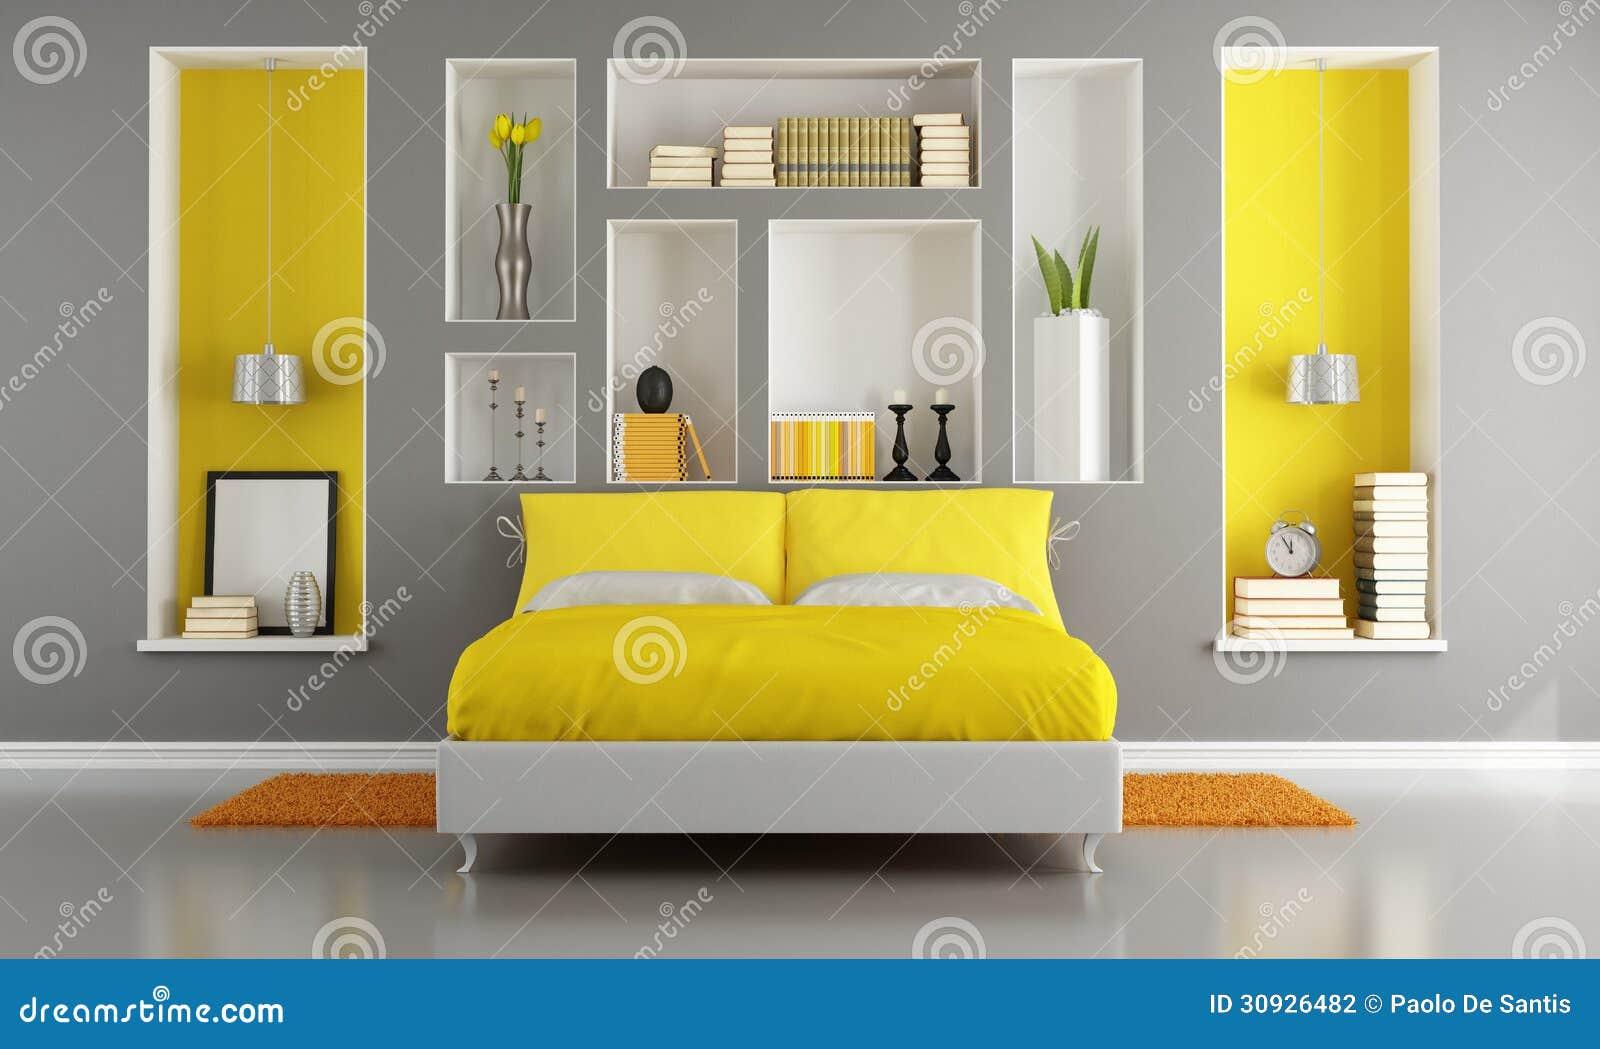 Parete Gialla Camera Da Letto : Camera da letto moderna gialla e ...